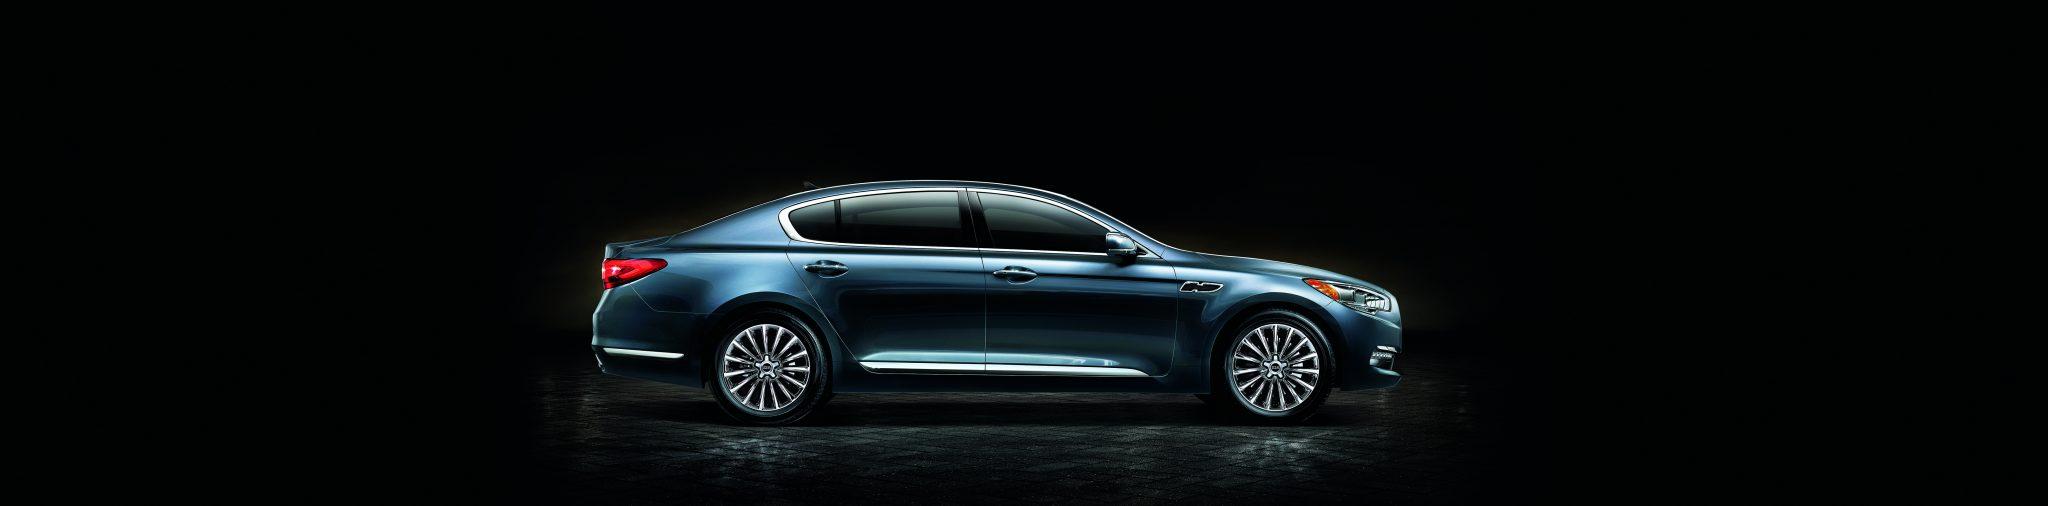 K900 is Kia's flagship luxury sedan